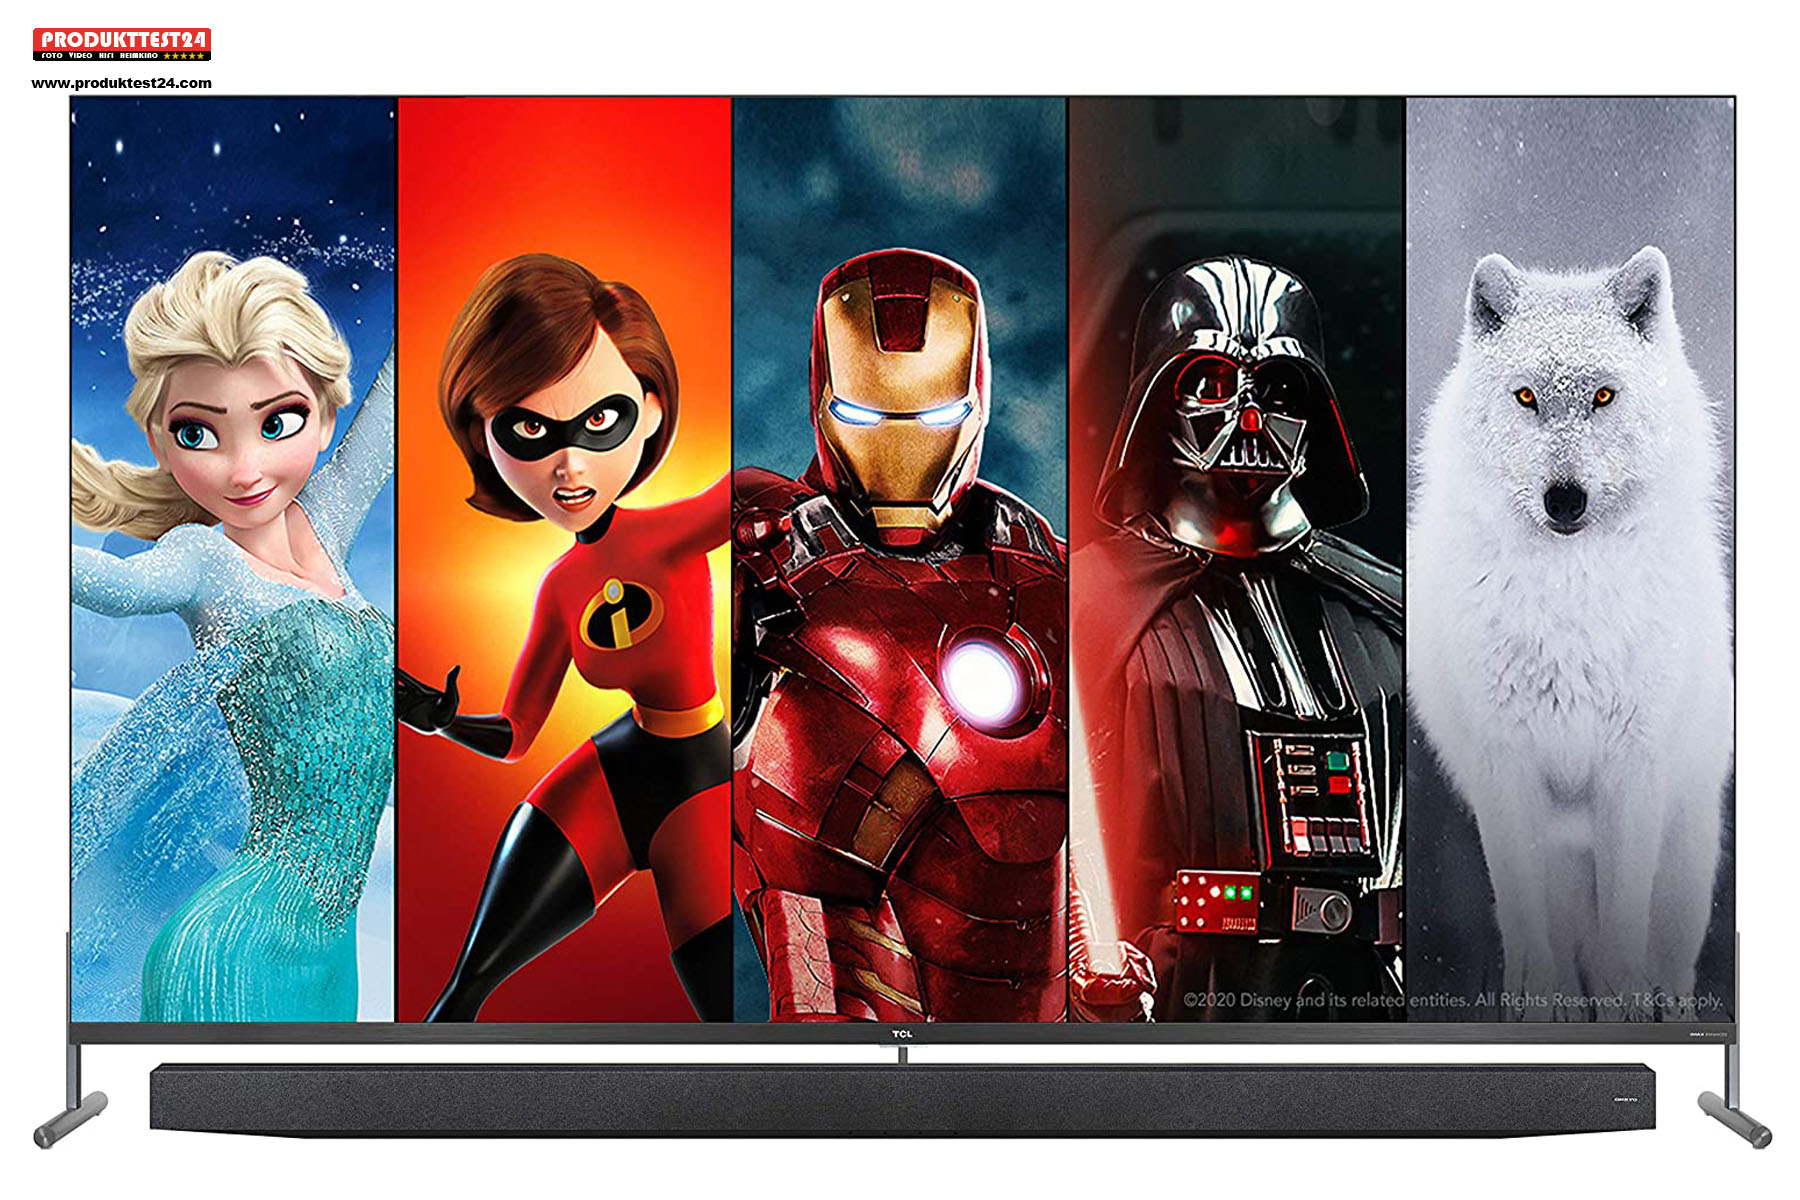 Der TCL 75X915 8K QLED Fernseher mit Android TV, Google Sprachsteuerung und Kamera.